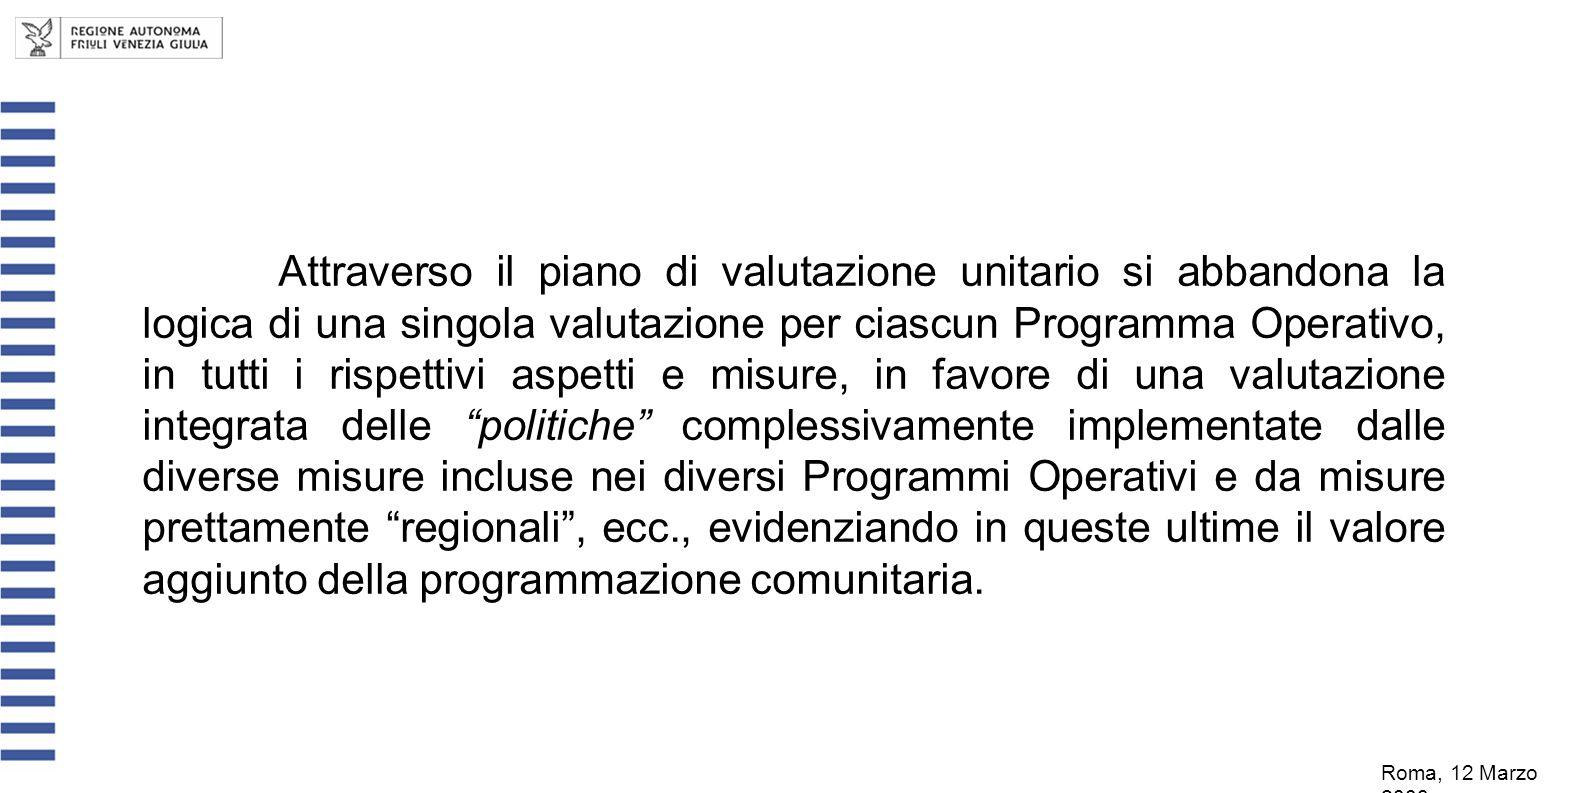 Roma, 12 Marzo 2008 Attraverso il piano di valutazione unitario si abbandona la logica di una singola valutazione per ciascun Programma Operativo, in